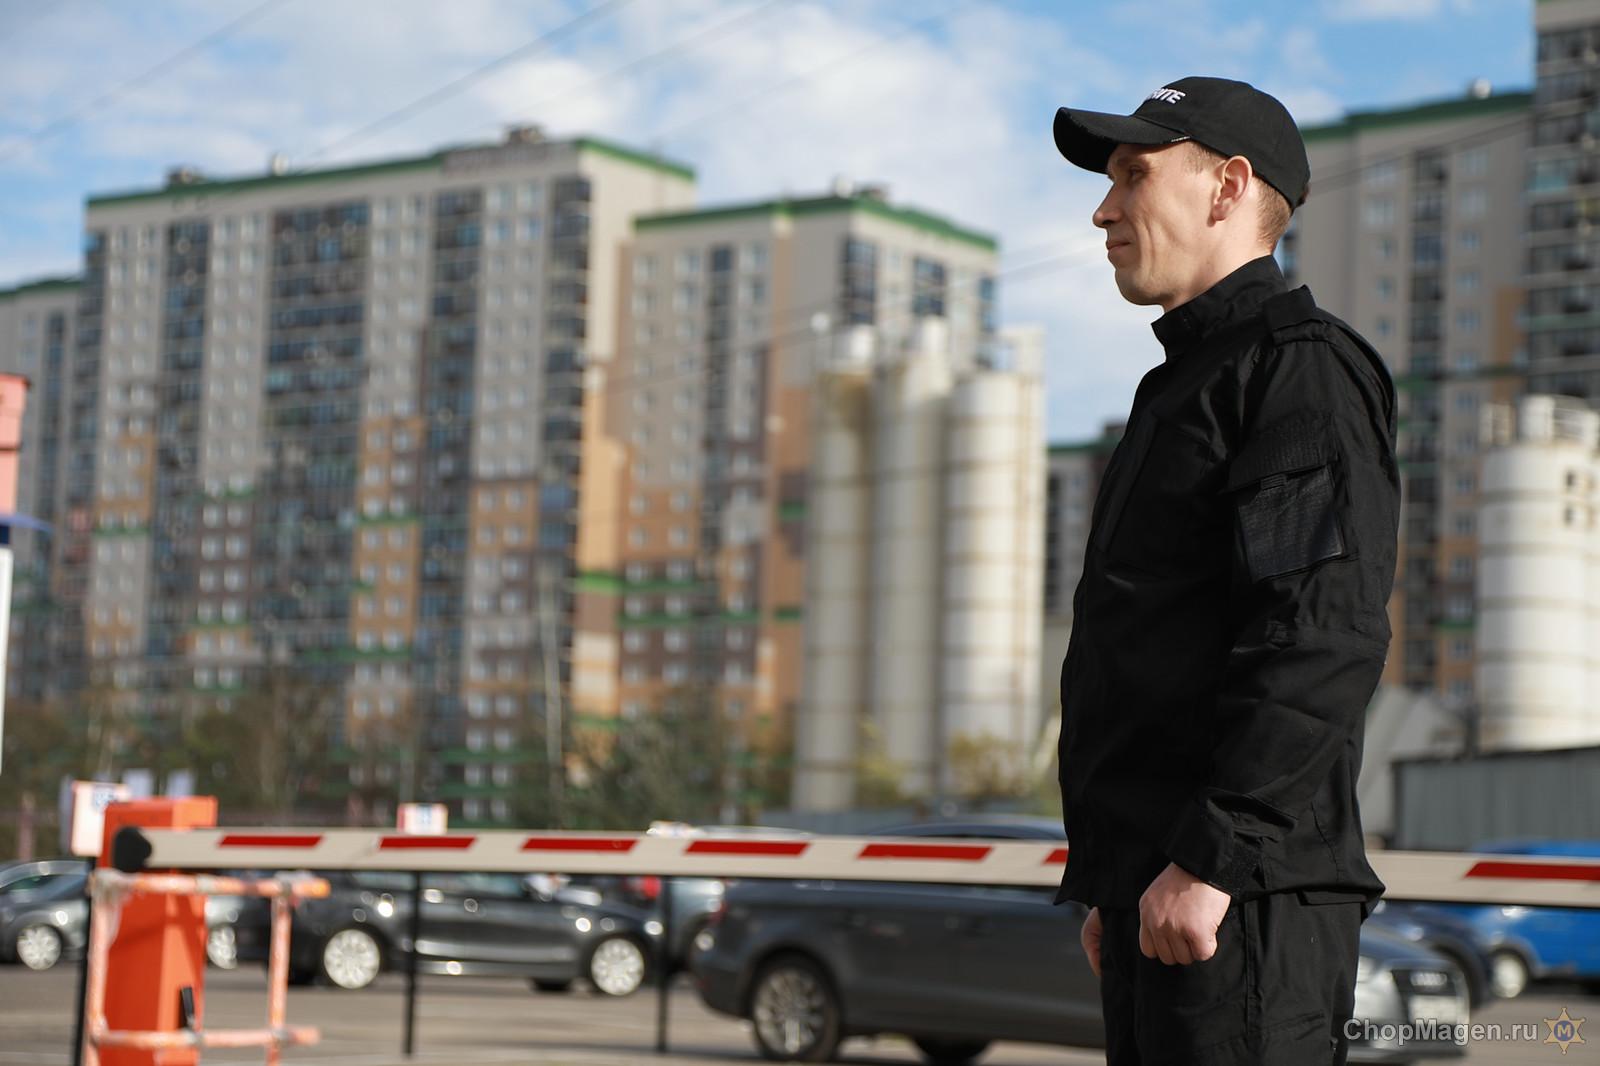 В Симферополе сотрудники ЧОПа создали незаконную автостоянку